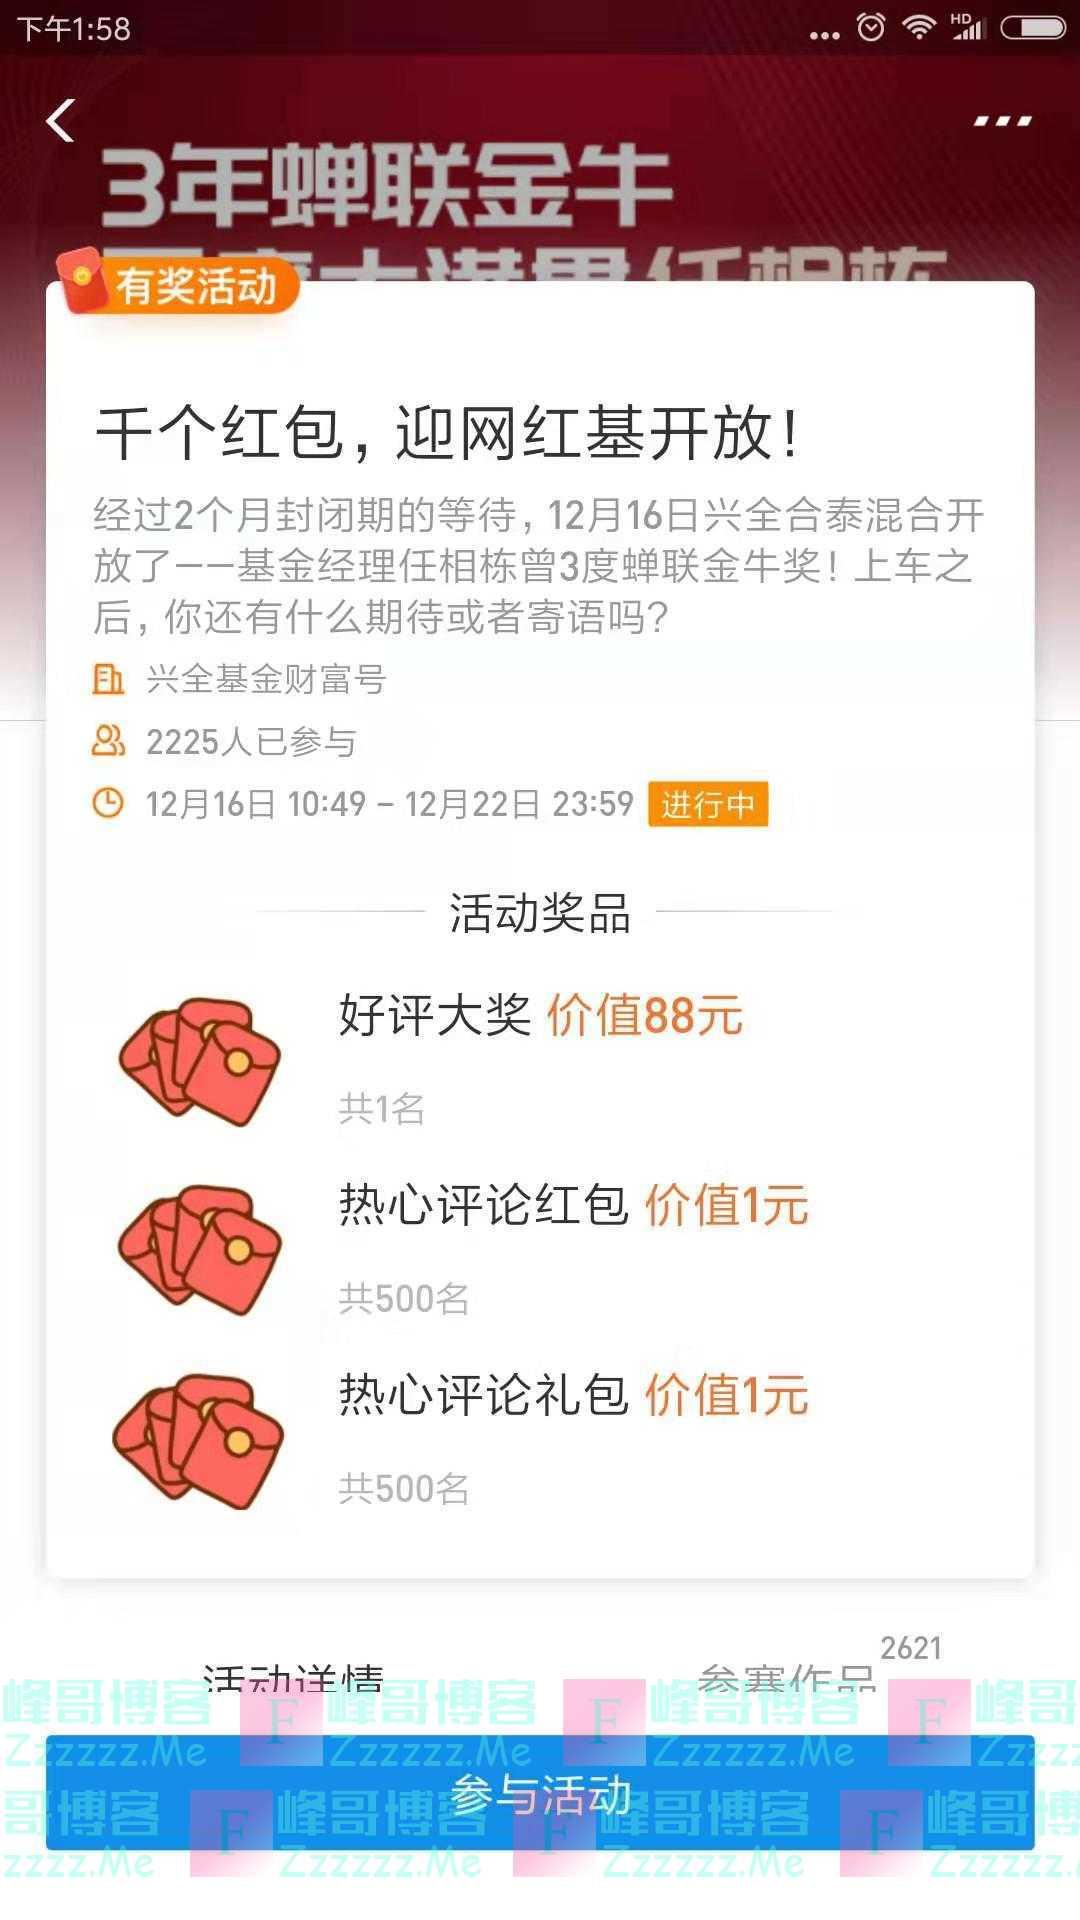 兴全基金千个红包 迎网红基开放(截止12月22日)